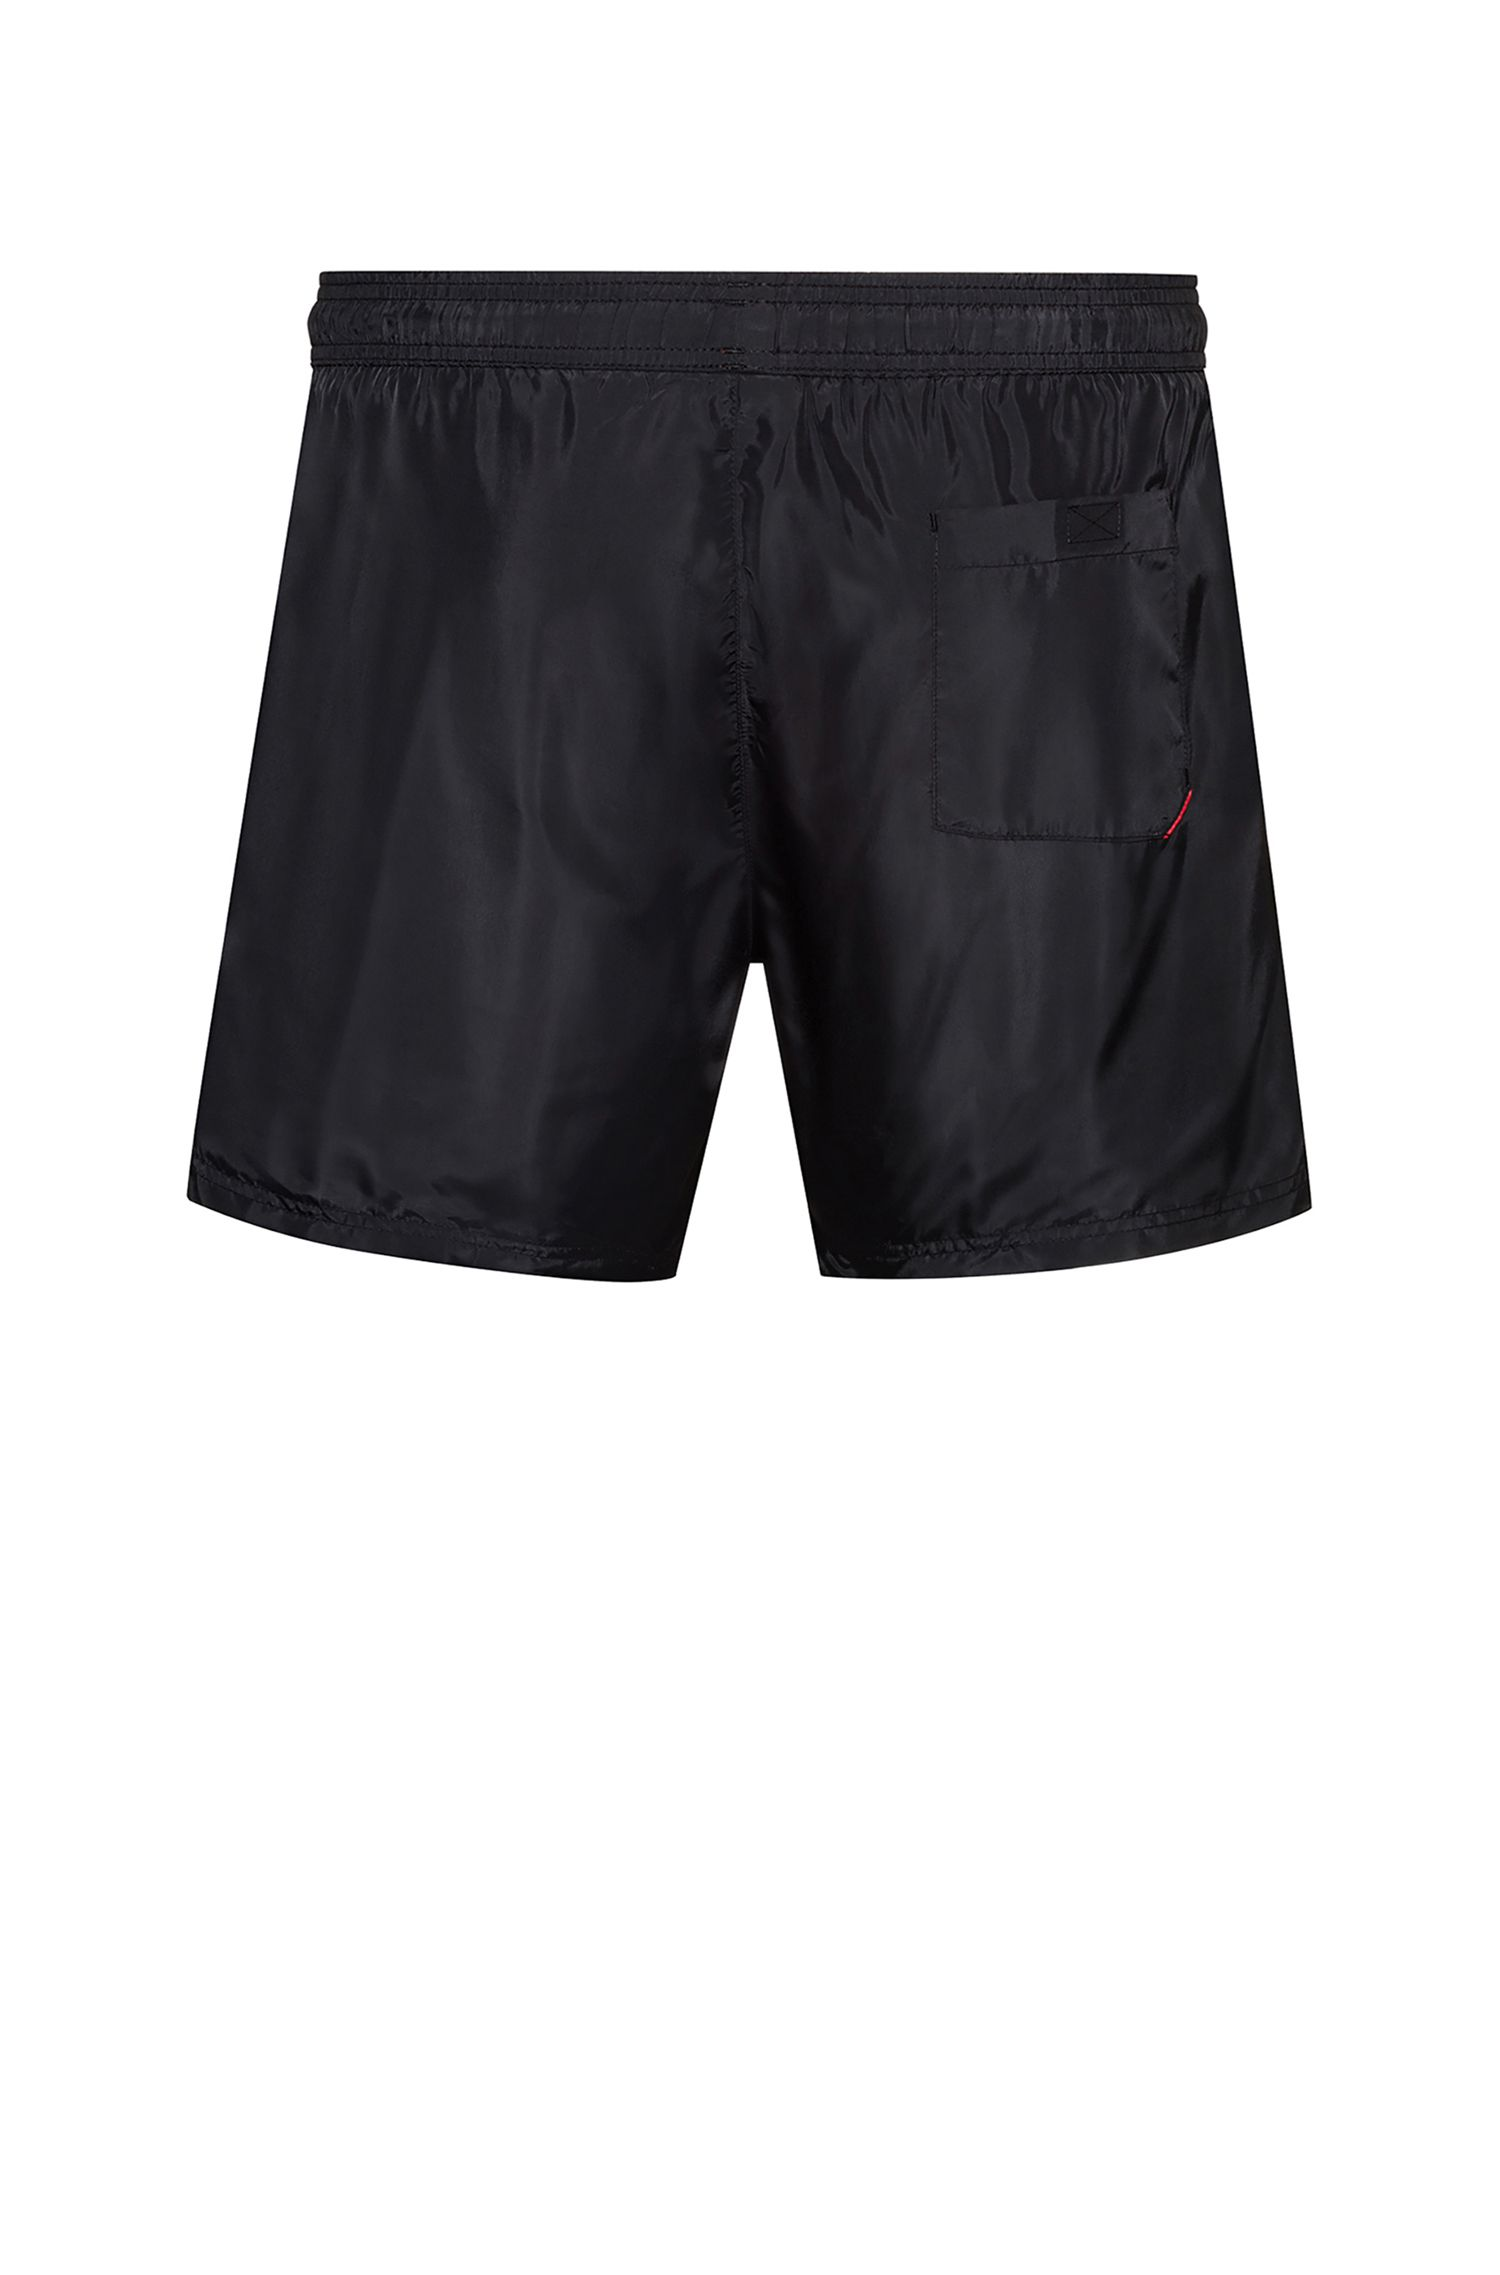 Short de bain en tissu brillant au séchage rapide avec logo inversé, Noir